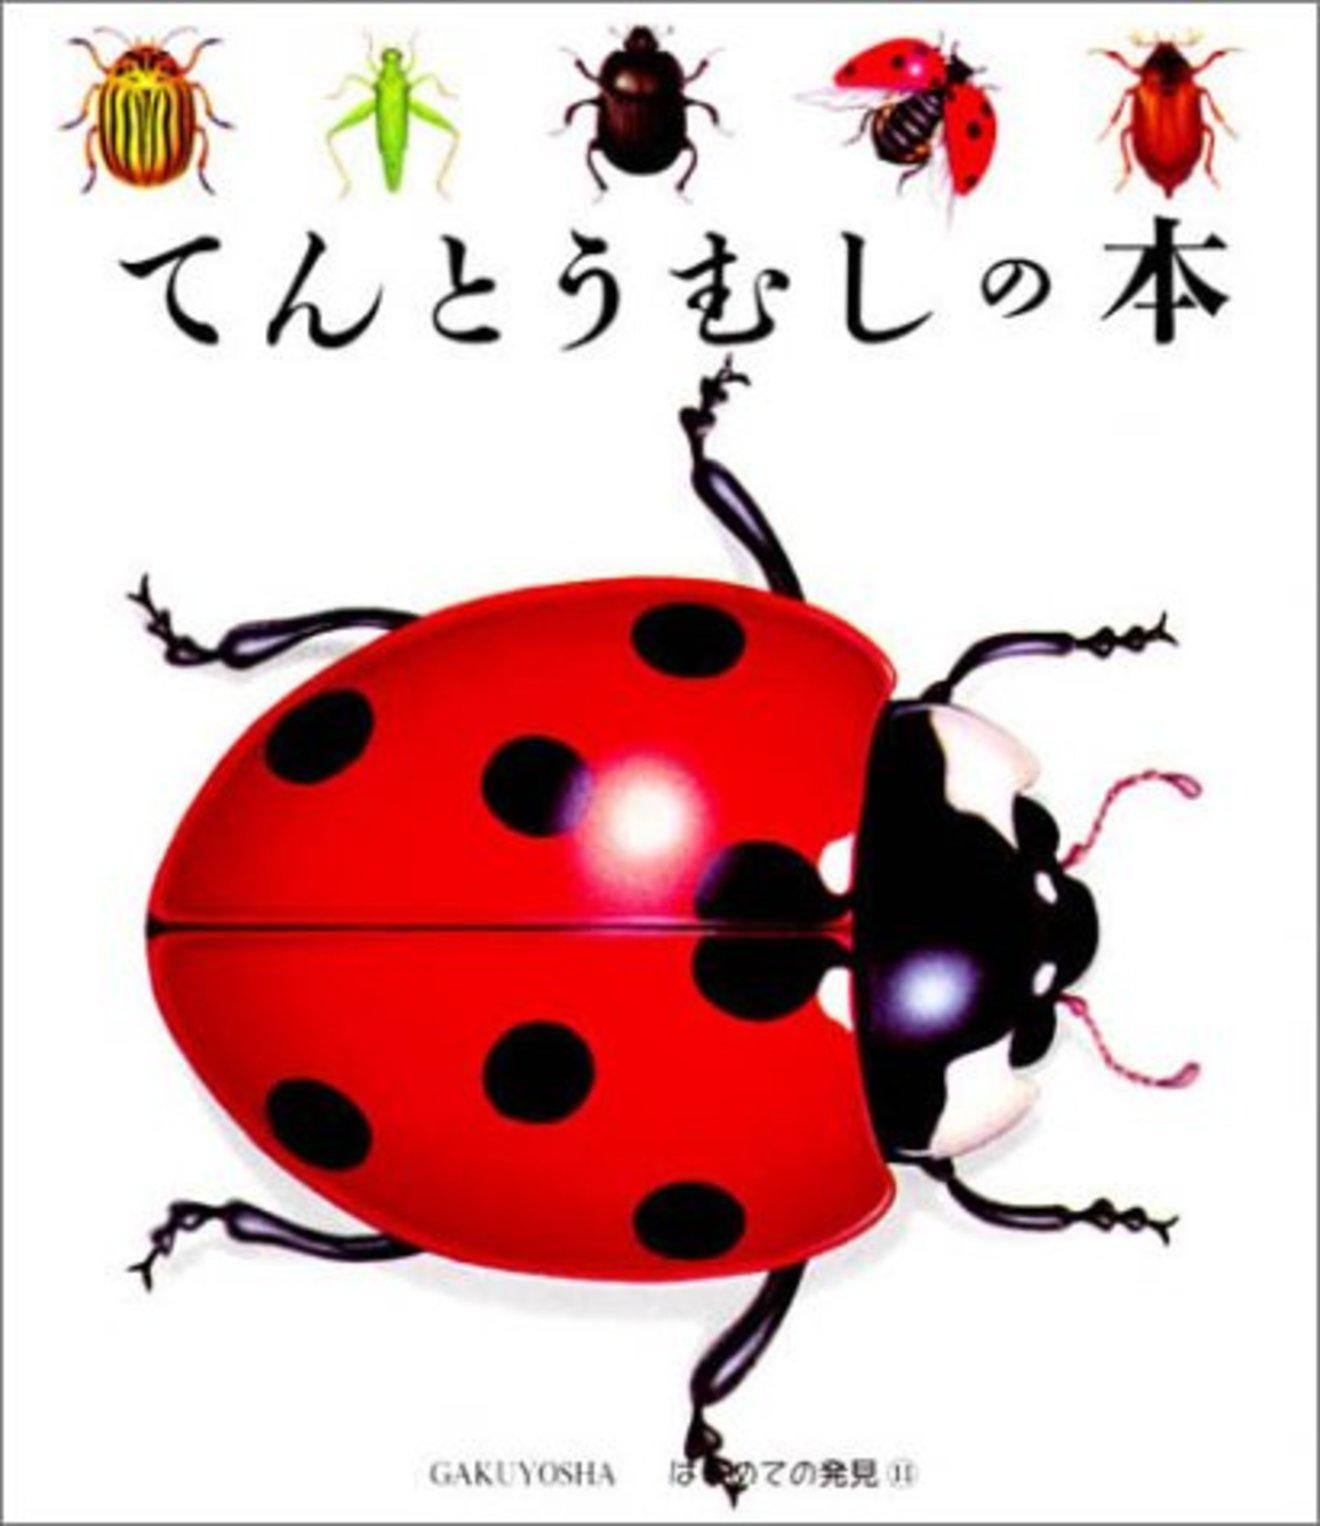 5分でわかるてんとう虫の生態!種類ごとの特徴や、幸運を呼ぶジンクスなど